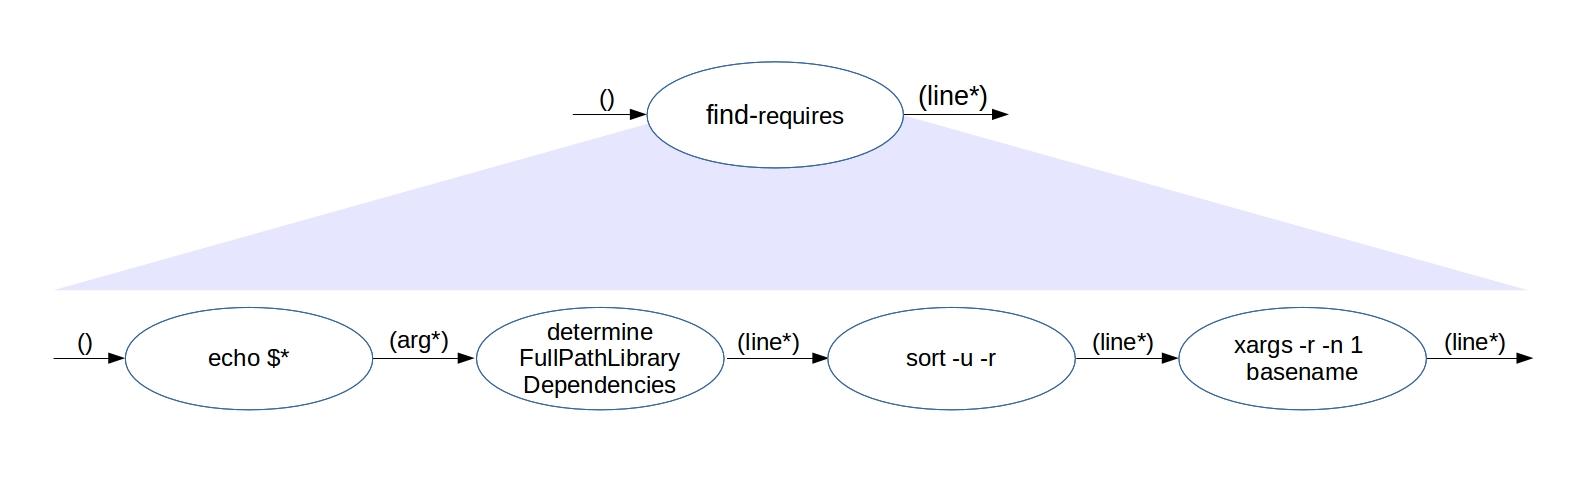 Verbundene Funktionseinheiten in find-requires. (Abb. 2)